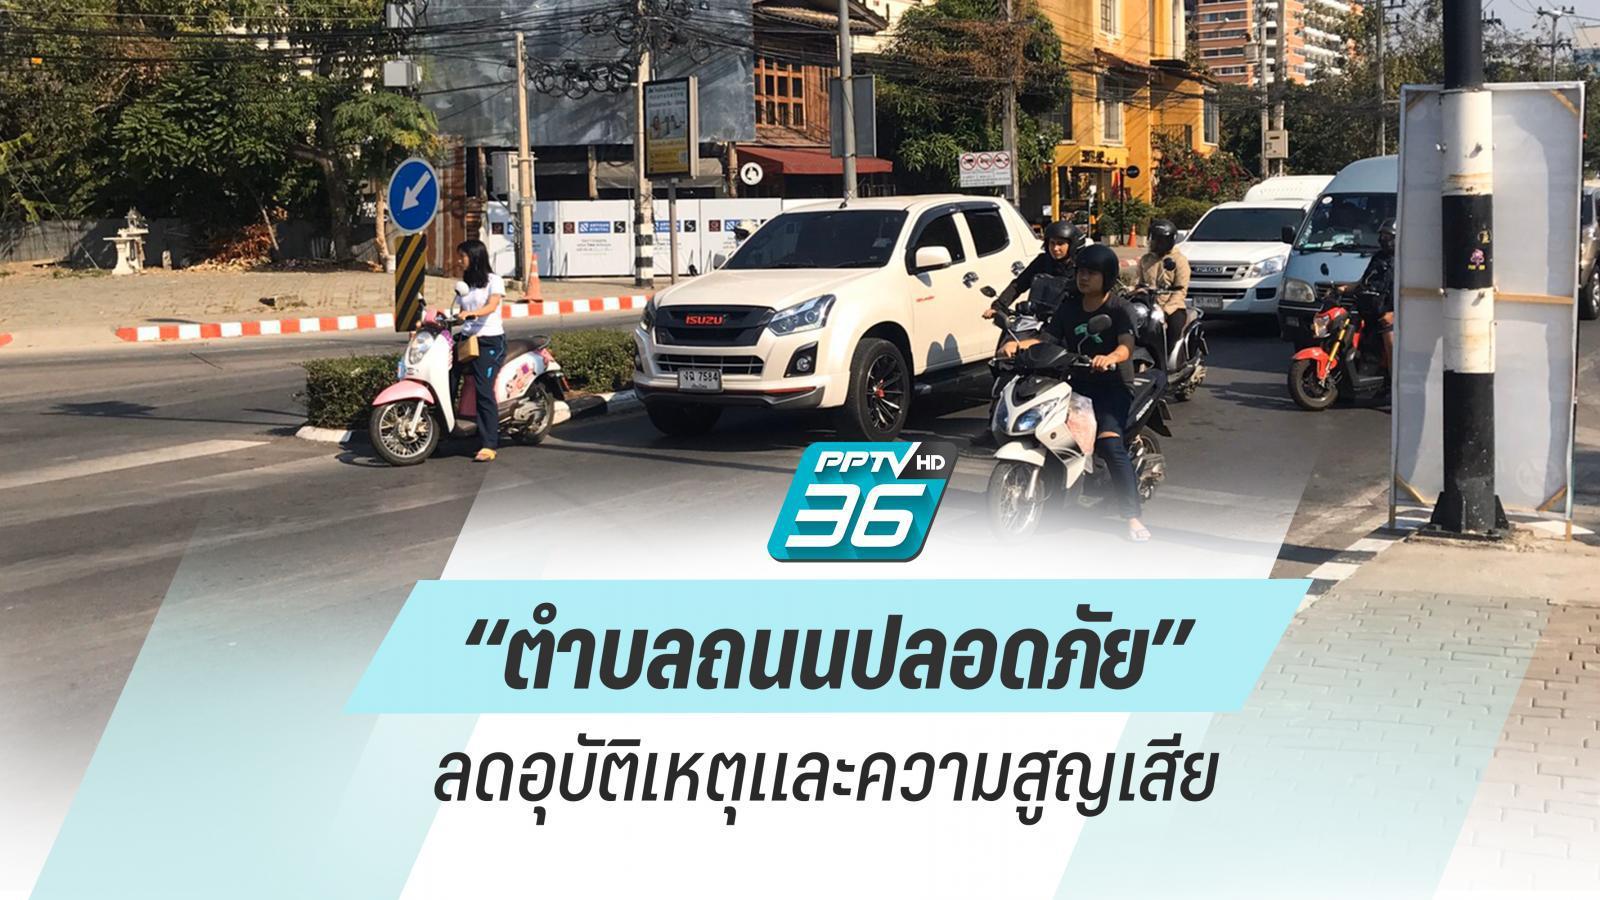 """ผลักดันนโยบาย """"ตำบลถนนปลอดภัย"""" ลดอุบัติเหตุและความสูญเสียบนท้องถนนไทย"""